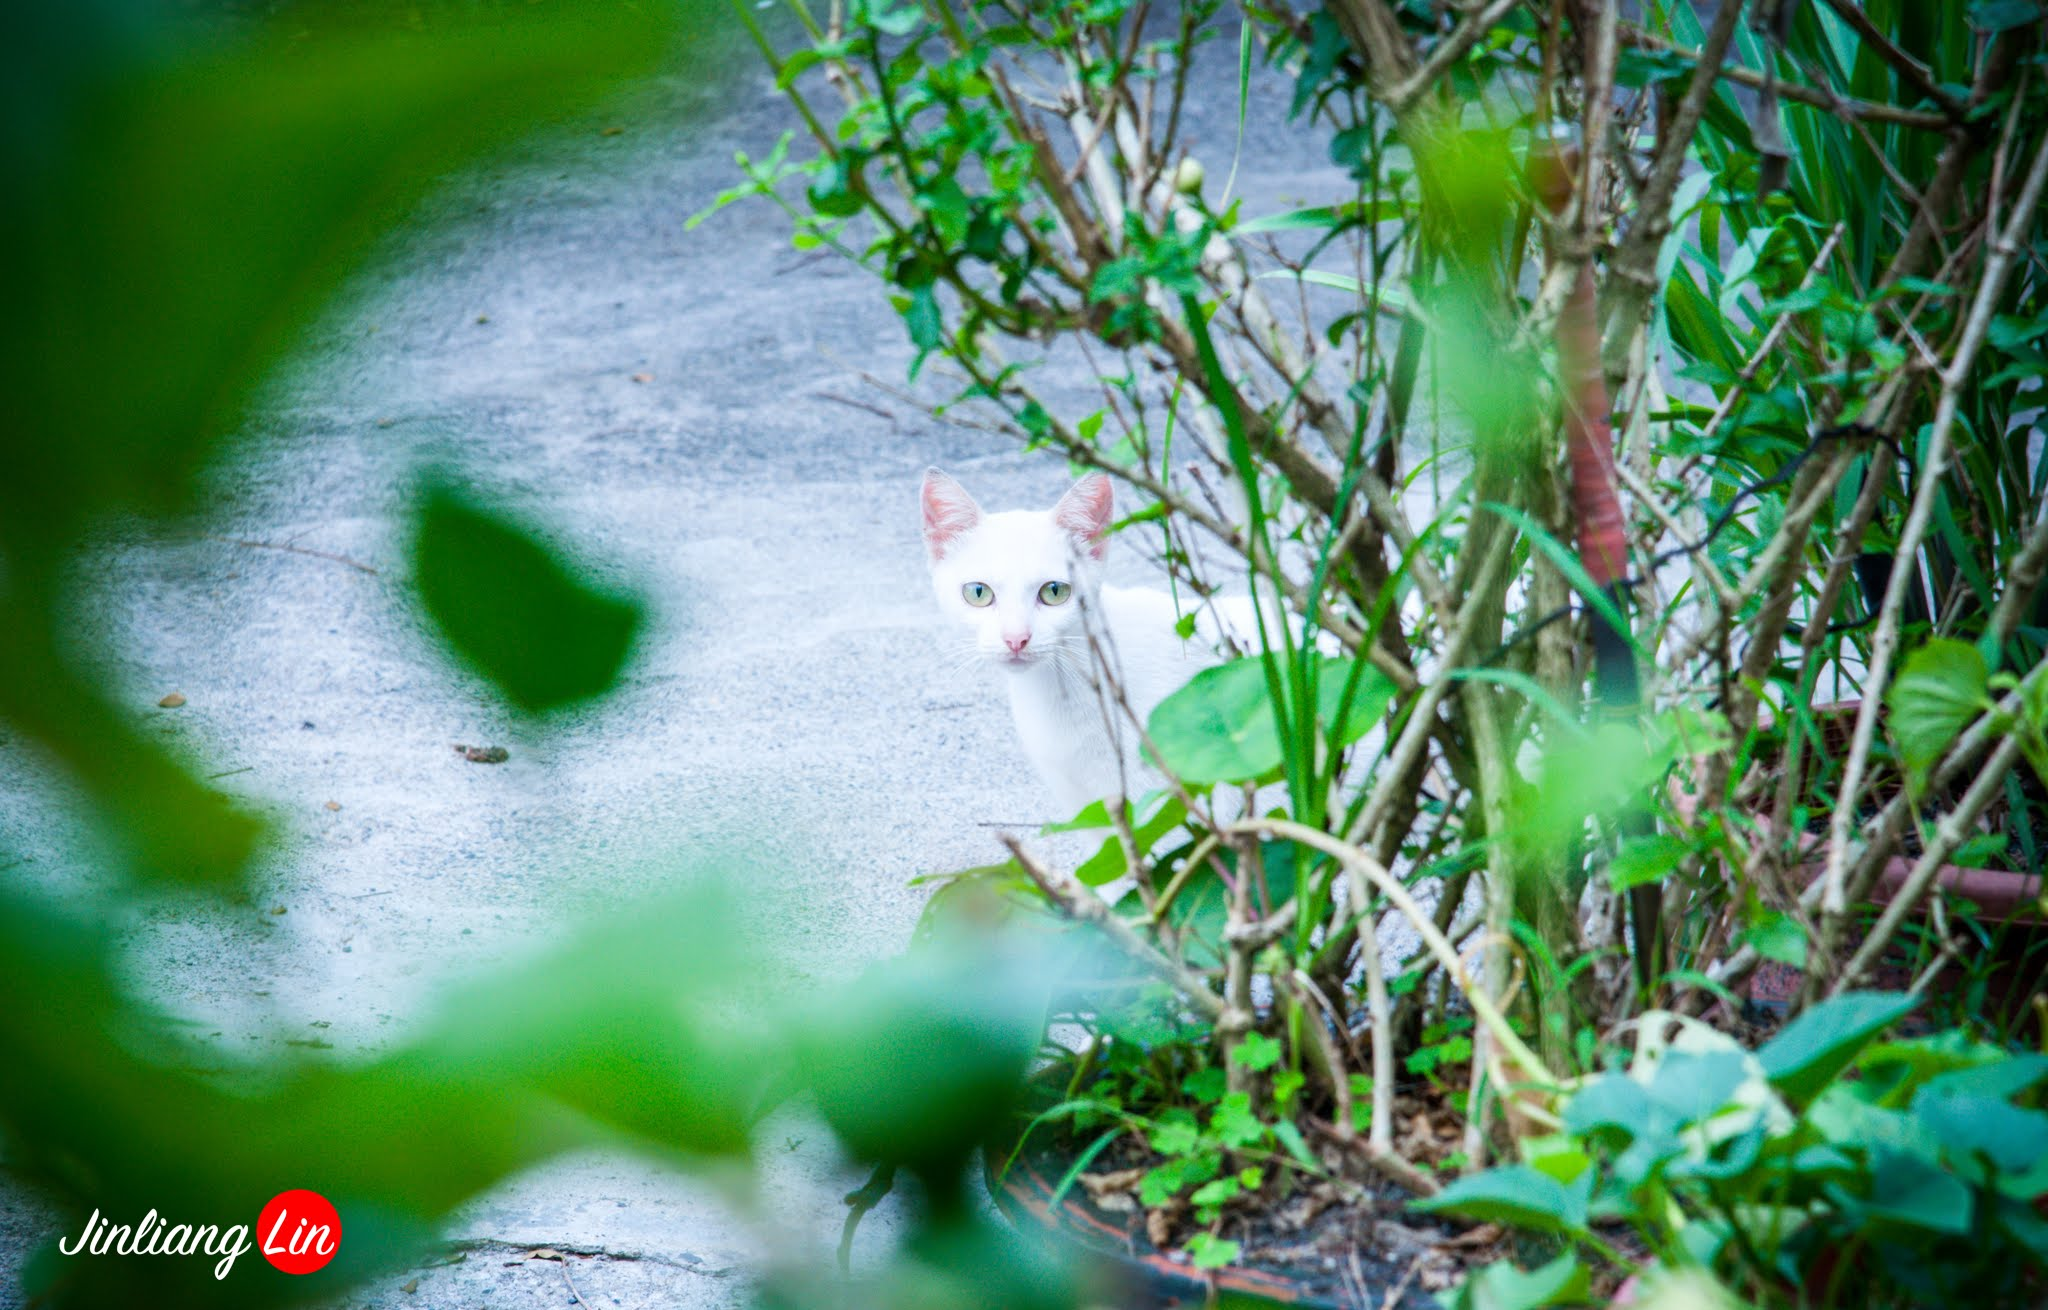 百貓物語:我在南投水里火車站的鐵軌上遇見一隻白貓